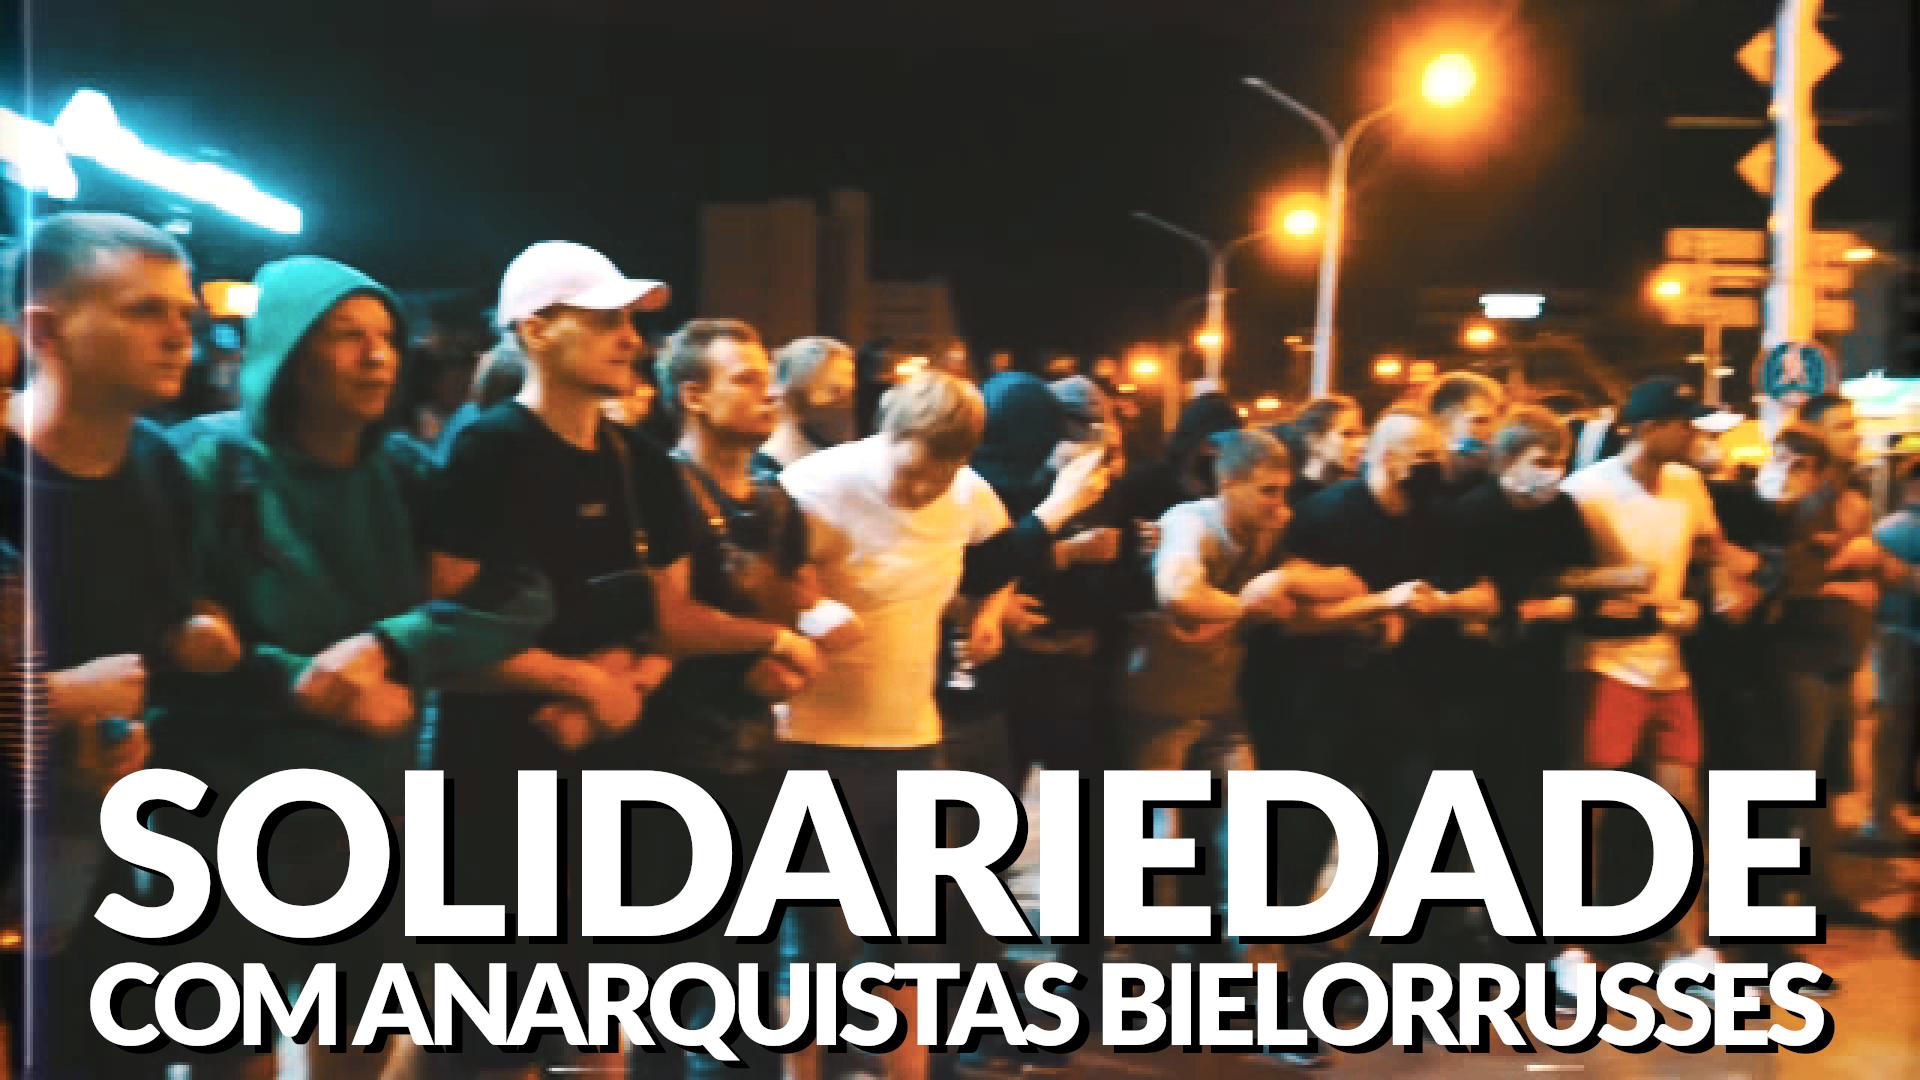 Solidariedade com anarquistas bielorrusses